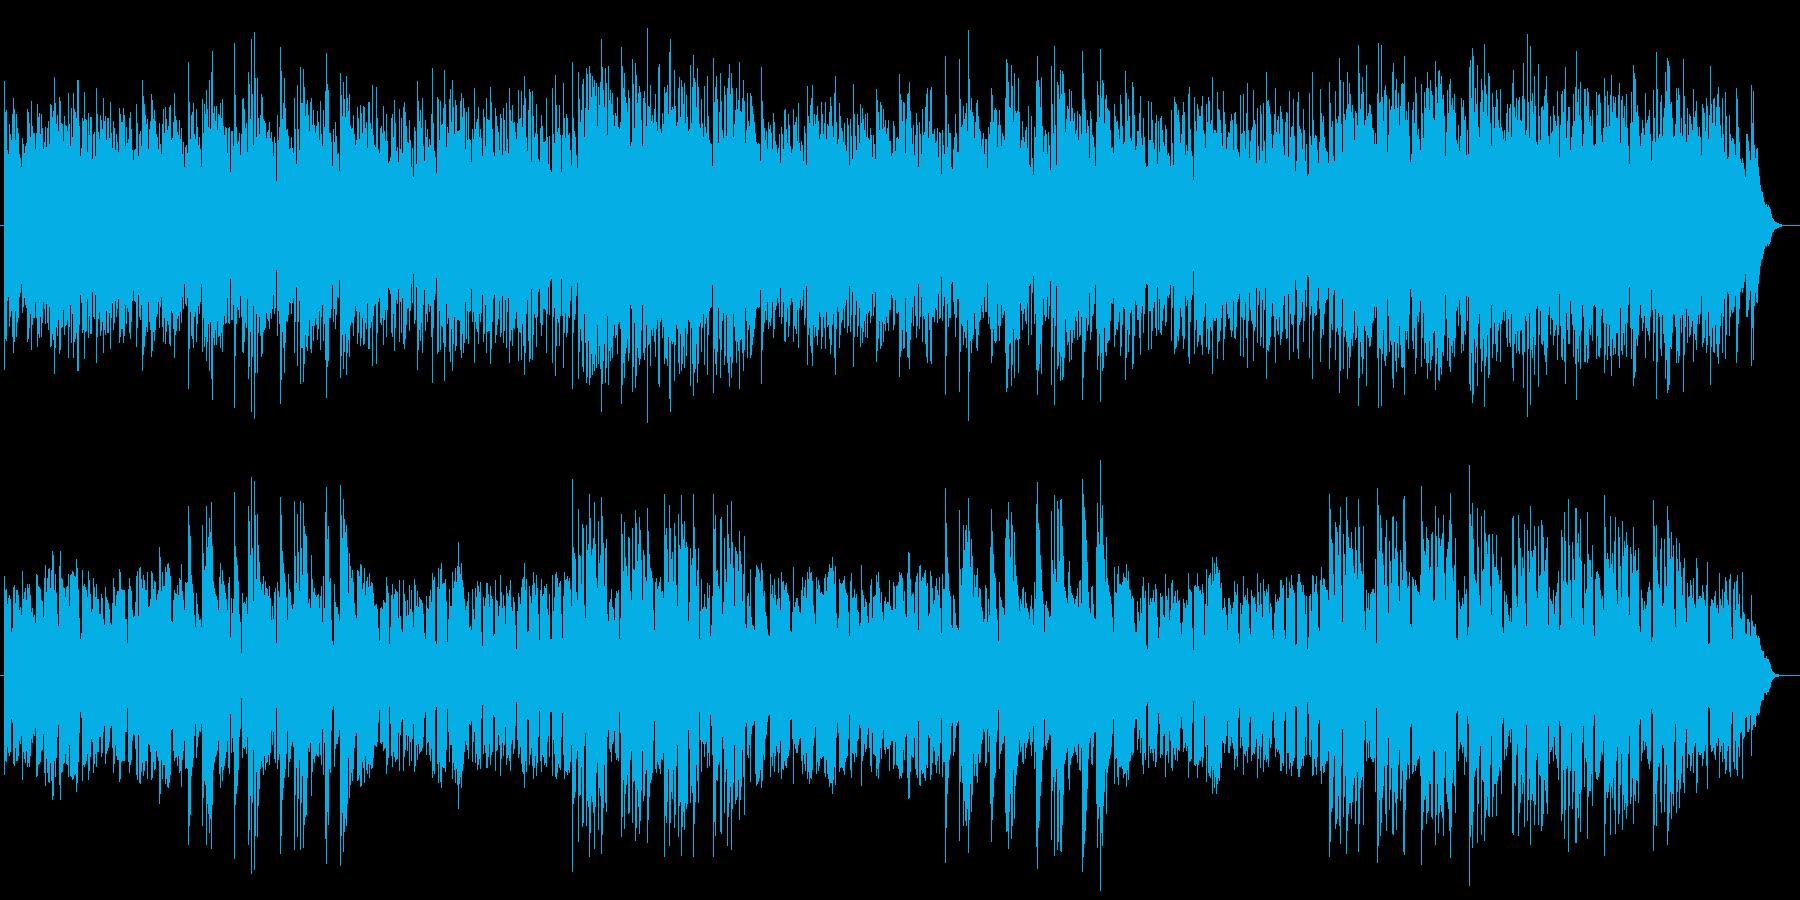 優しく平和的なミュージックの再生済みの波形